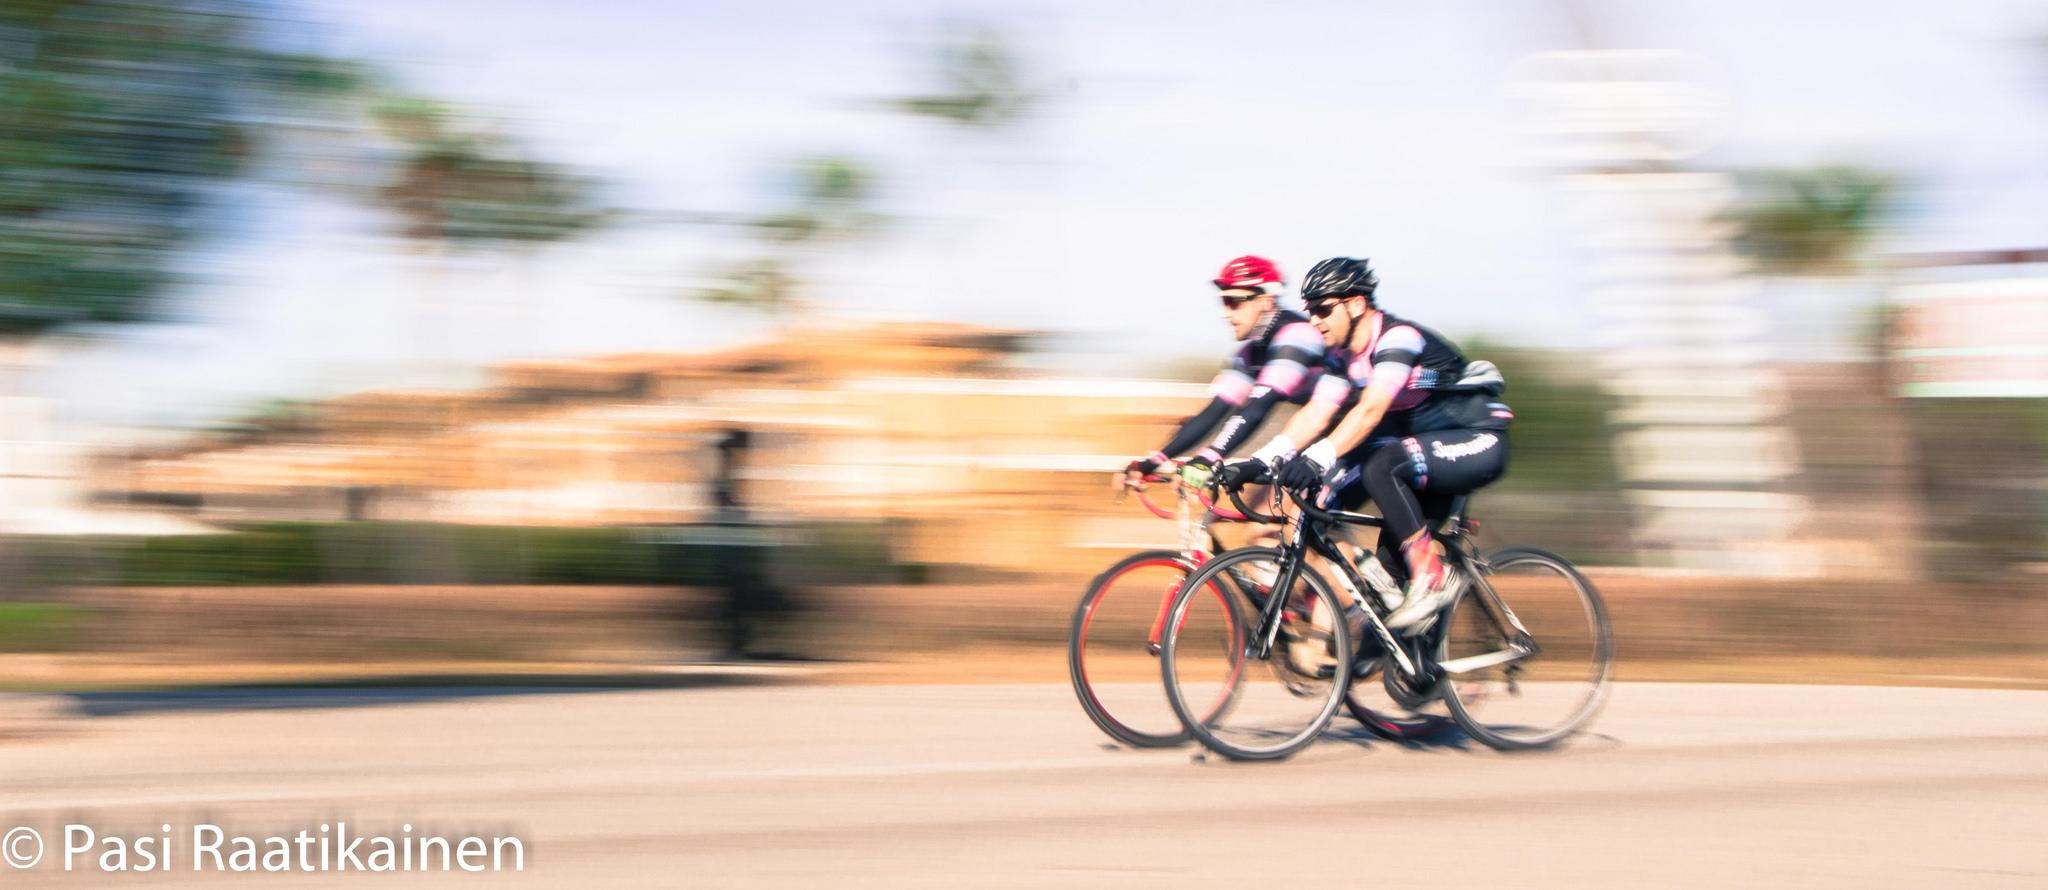 Heltrin vauhdikasta pyöräilyä